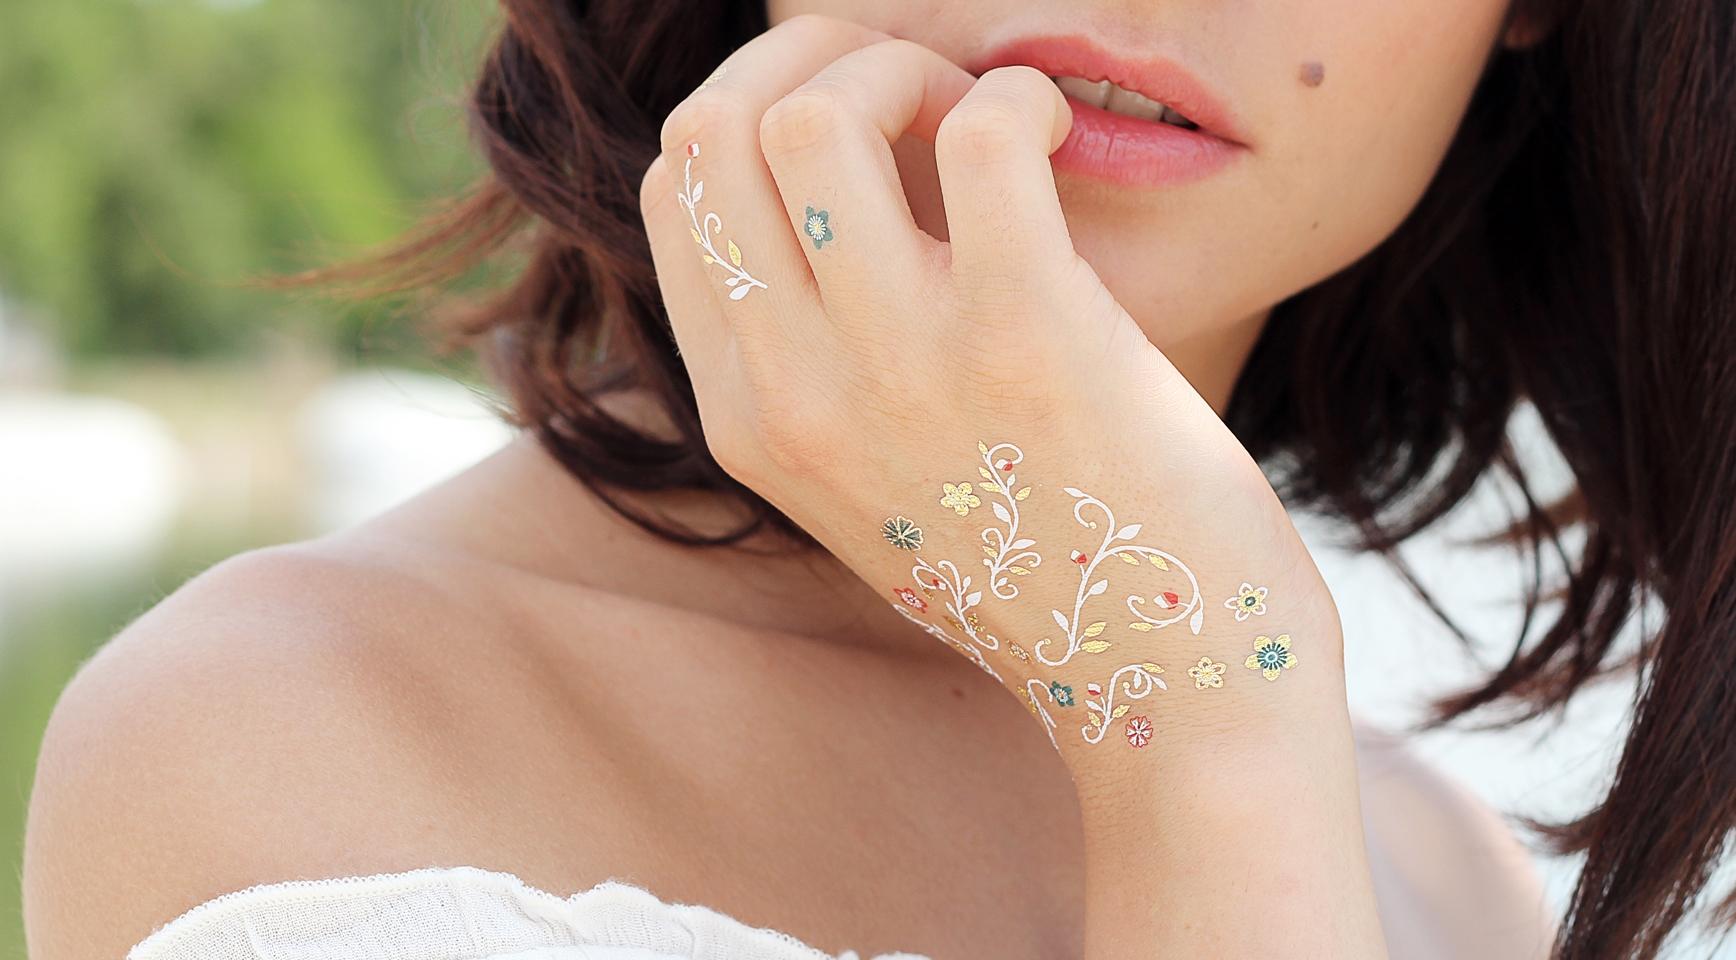 Florilèges, une parure de tatouages temporaires façon mosaique mélangeant fleurs et feuillages